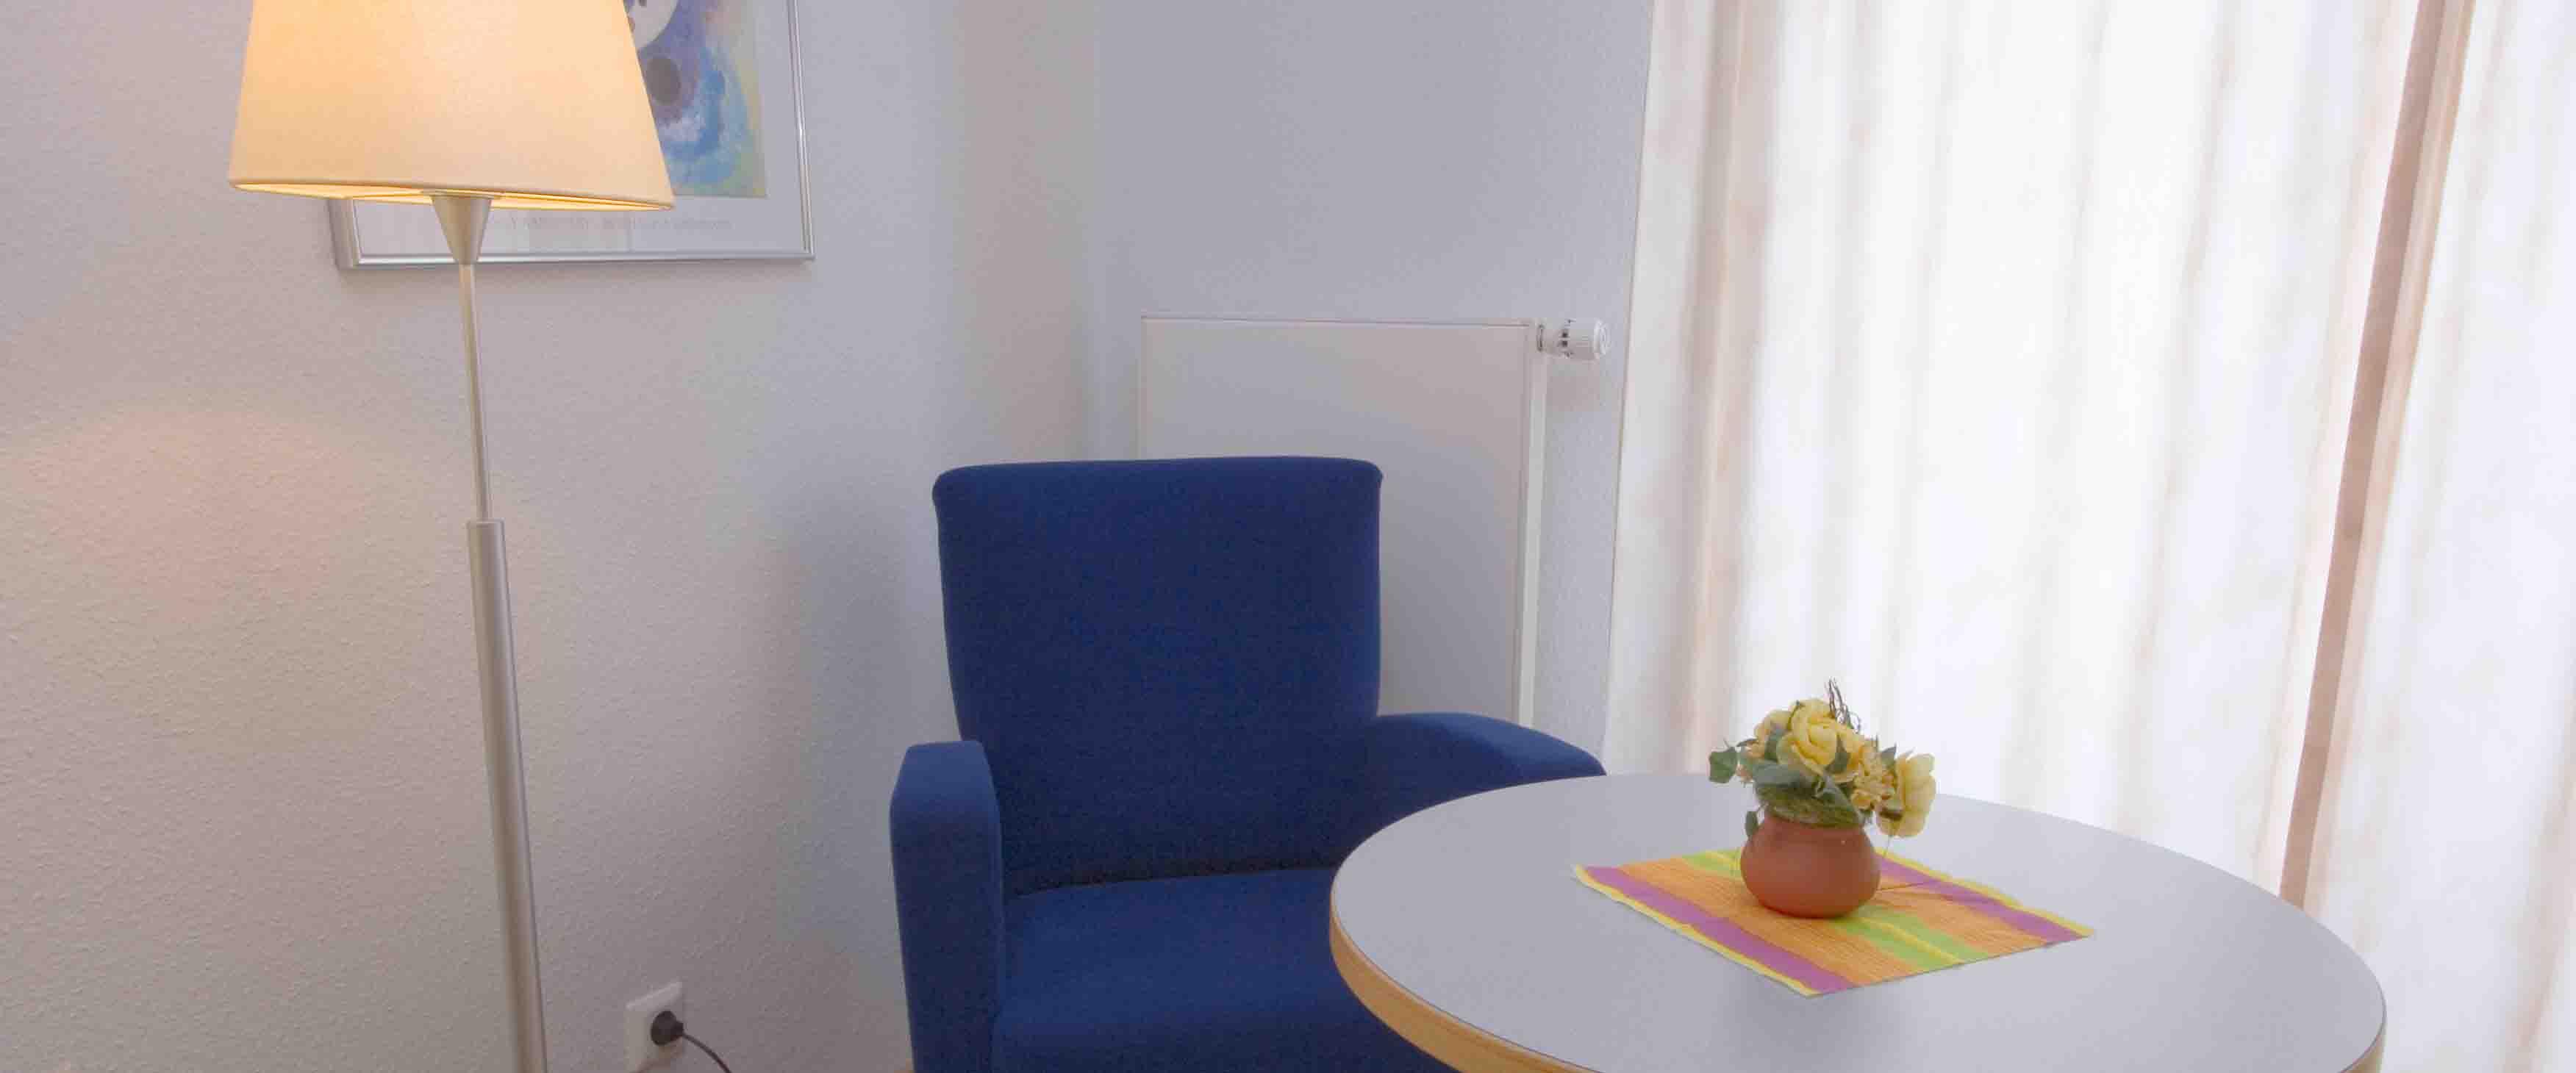 Sitzecke in einem Zimmer der MEDIAN Klinik für Psychosomatik Bad Dürkheim